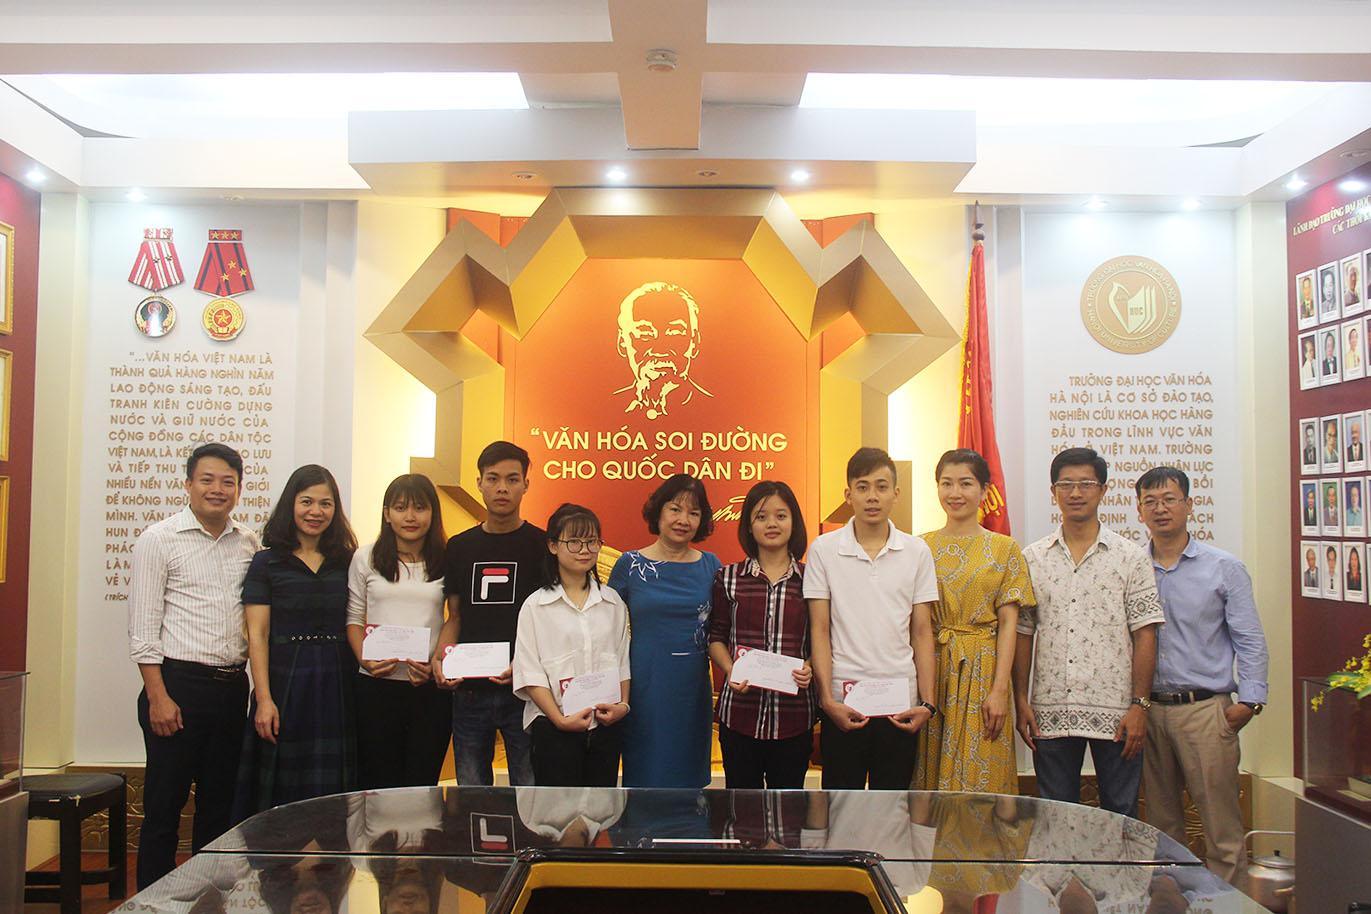 Câu lạc bộ Chia sẻ tặng 5 suất học bổng cho sinh viên nghèo vượt khó